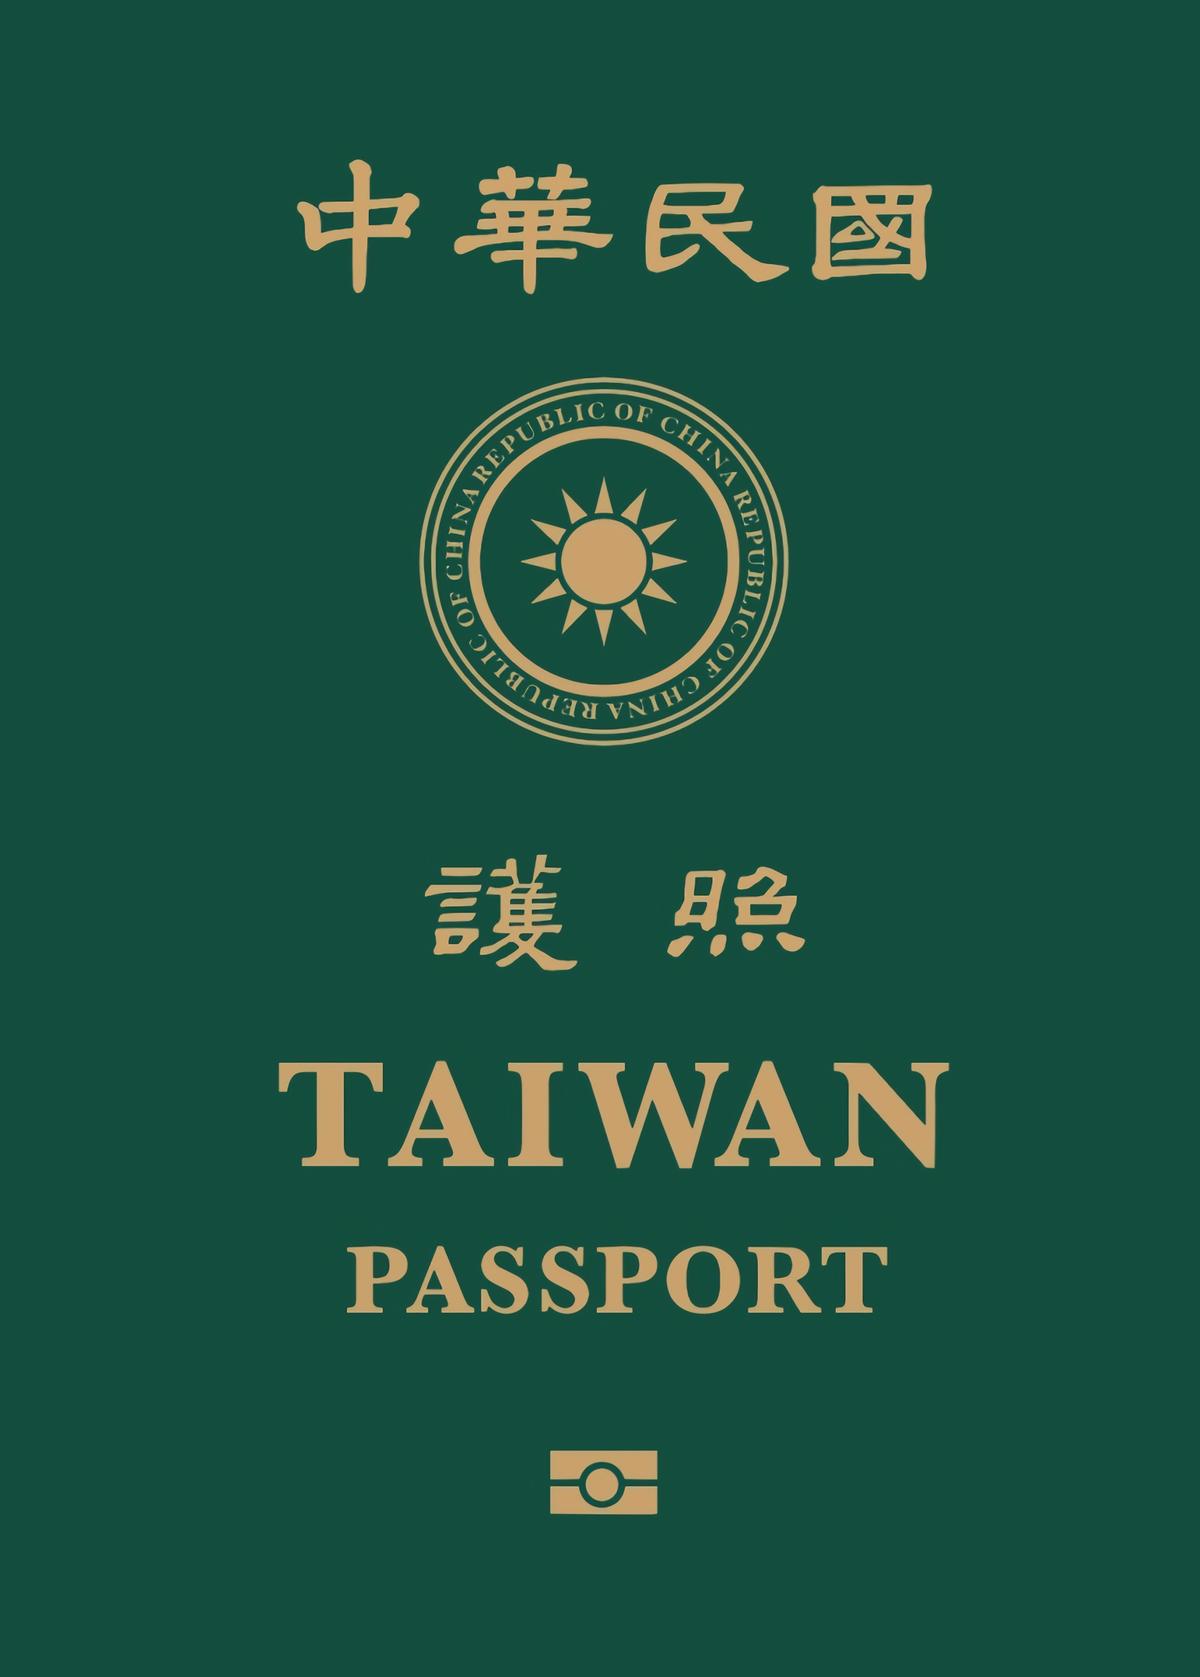 パスポート 館 更新 大使 中国 海外の日本大使館でパスポートの更新